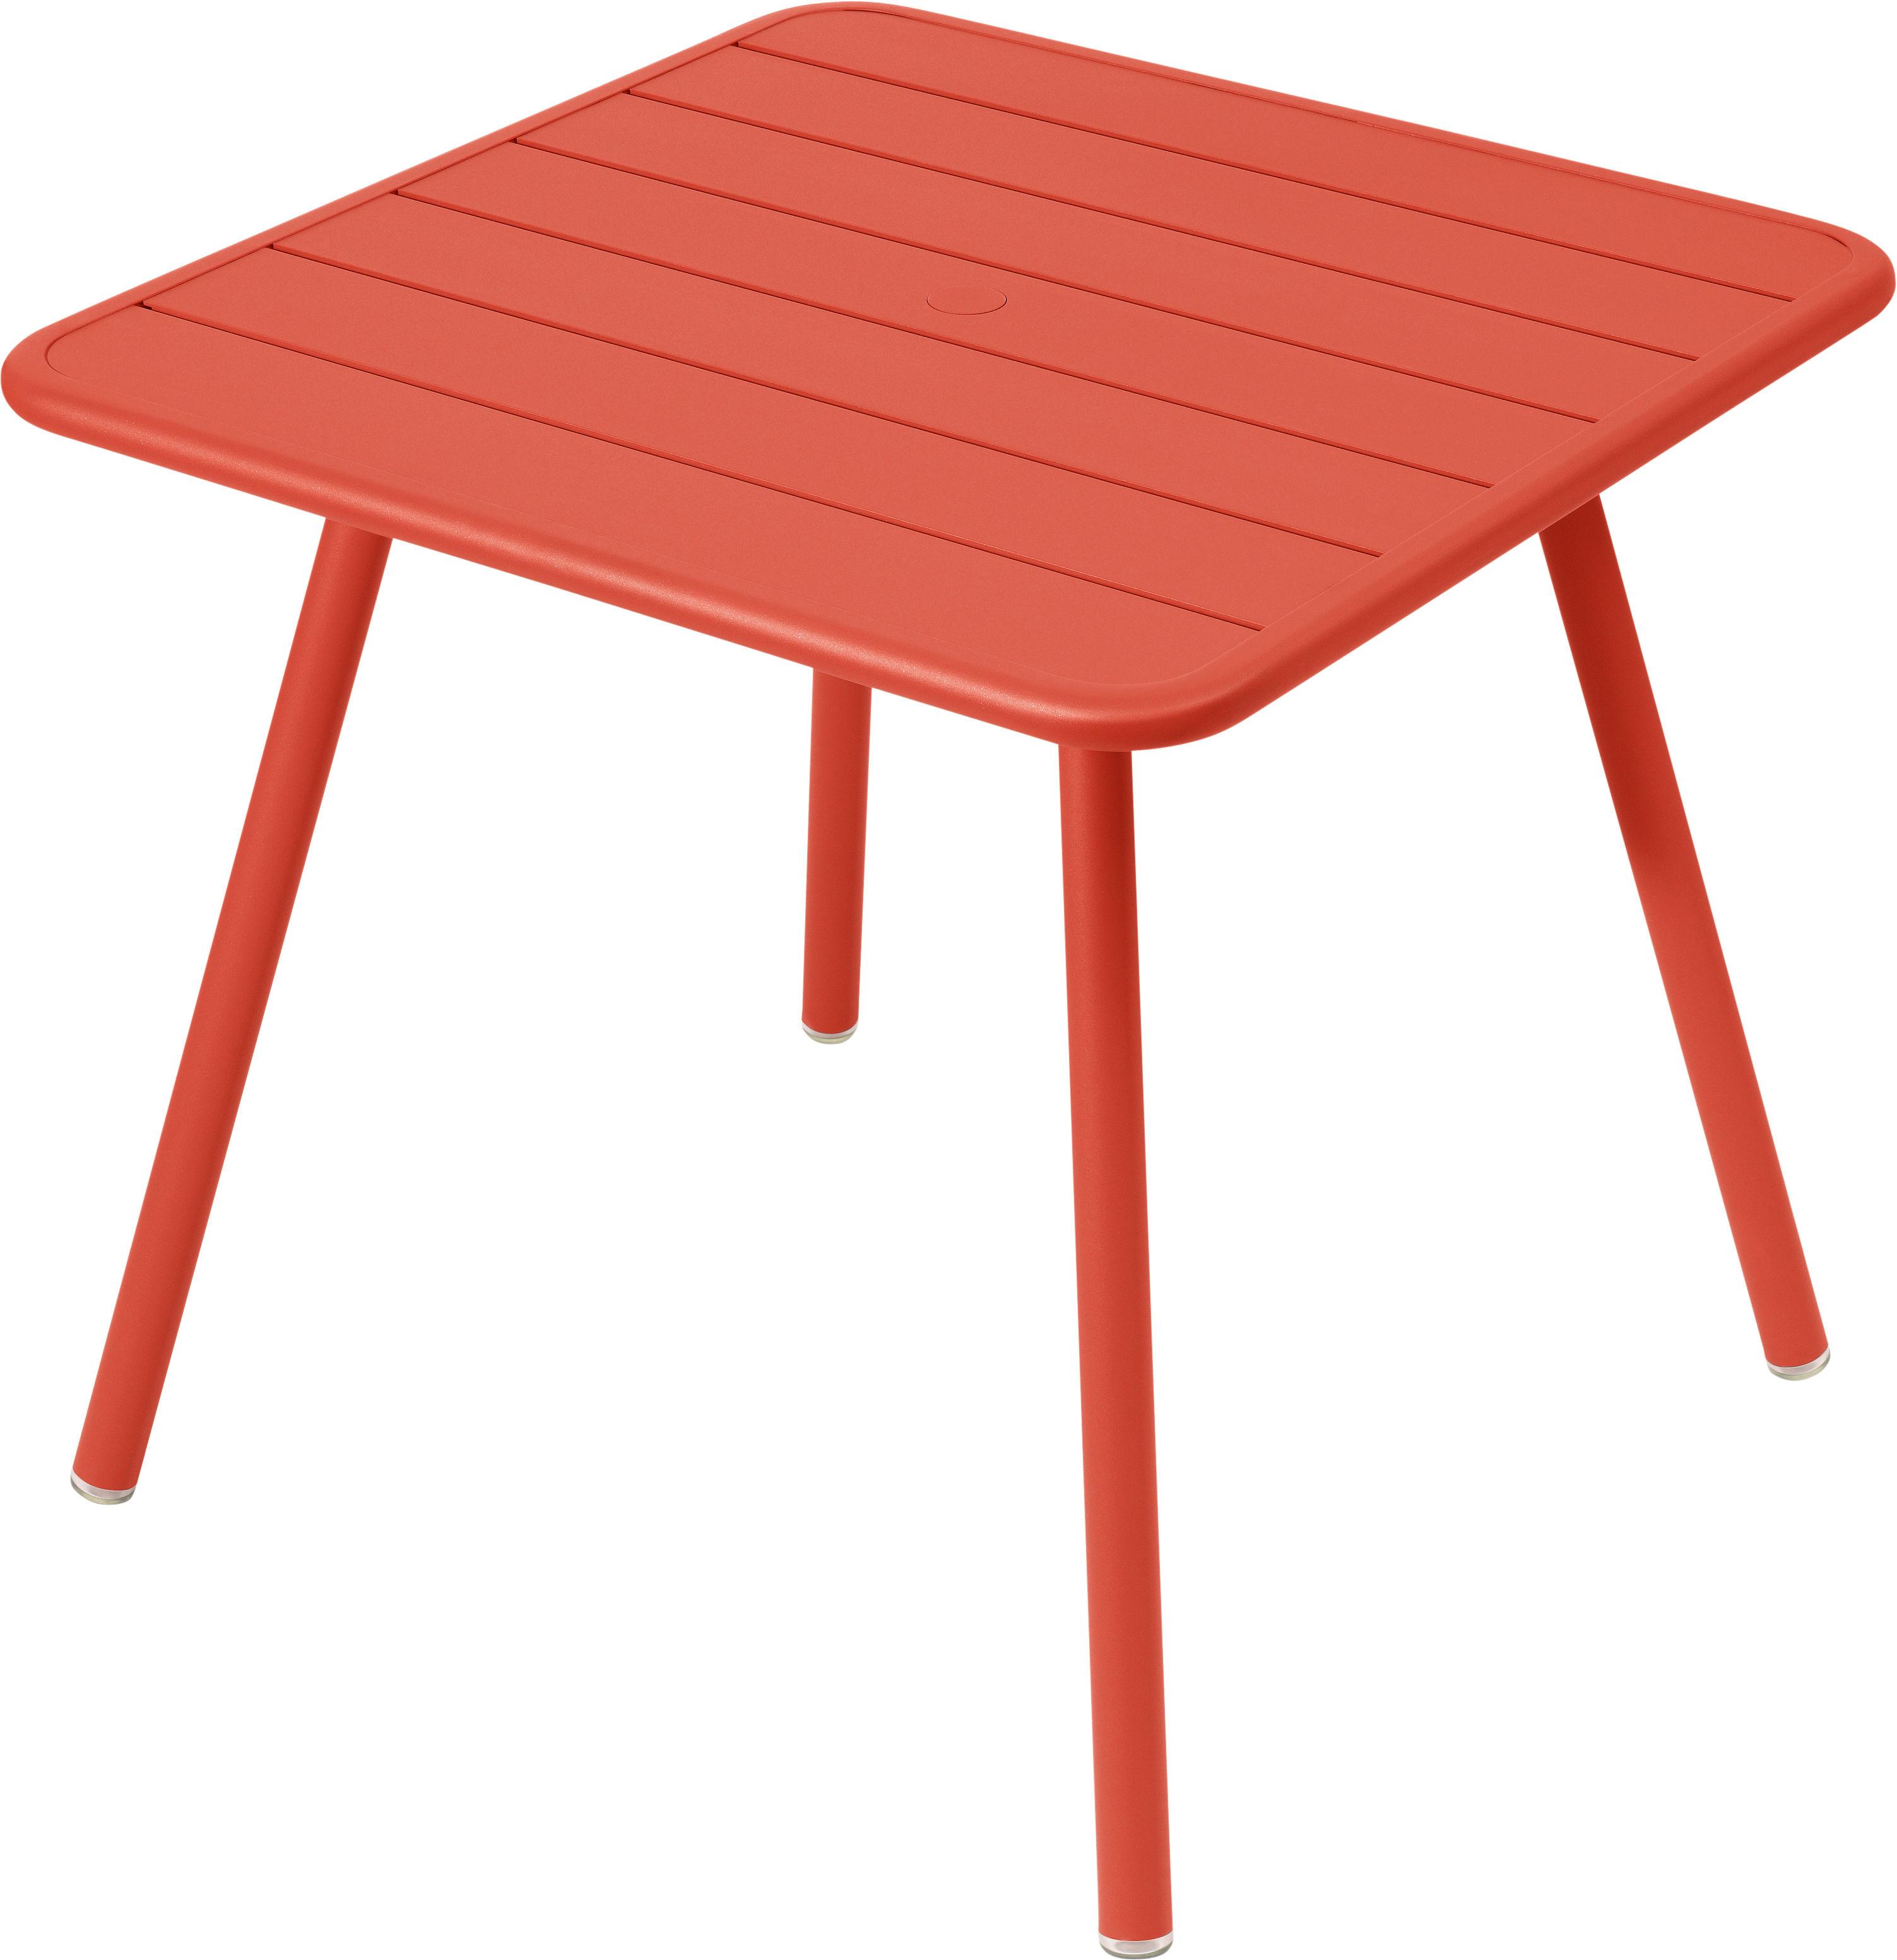 Jardin - Tables de jardin - Table Luxembourg / 80 x 80 cm - 4 pieds - Fermob - Capucine - Aluminium